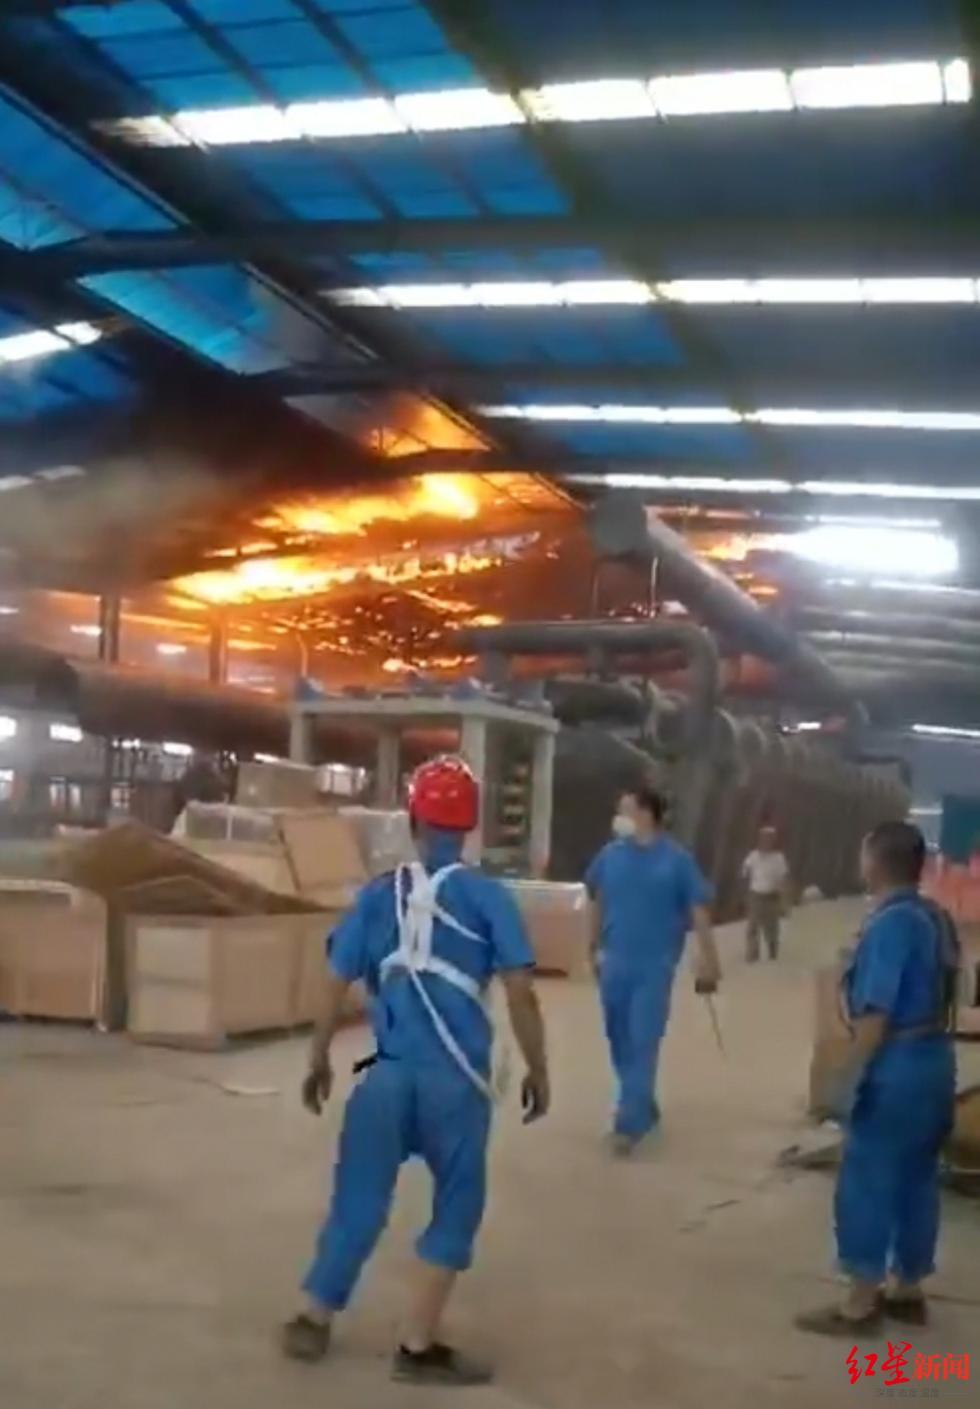 四川峨眉山市一陶瓷厂发生火灾浓烟冲天 无人员伤亡